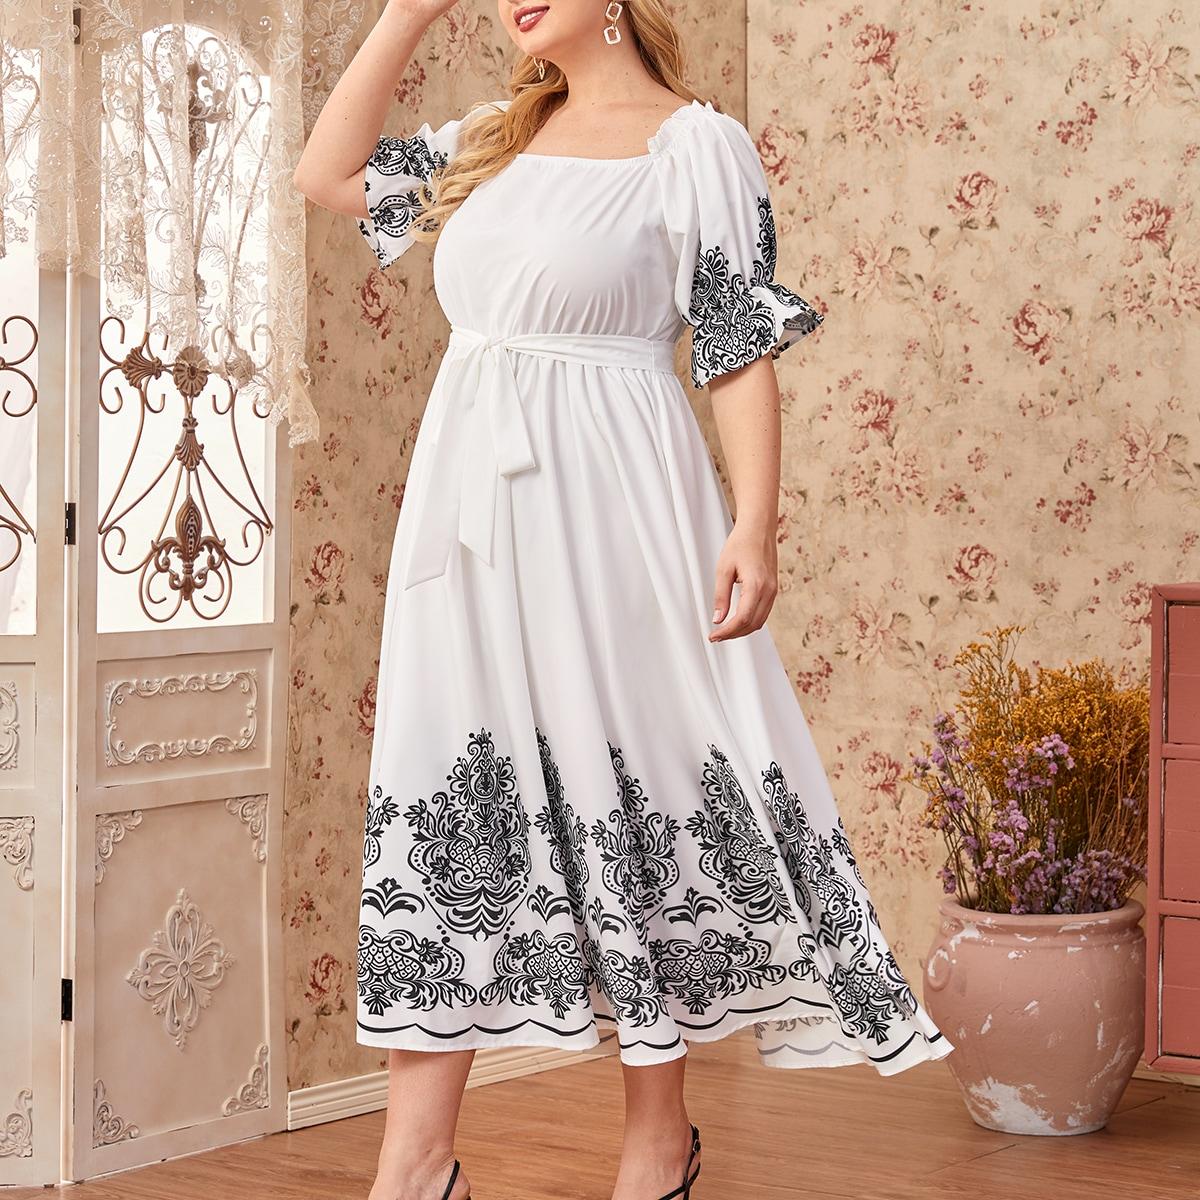 SHEIN / Kleid mit quadratischem Kragen, Rüsche, Manschetten, Damast Muster und Gürtel